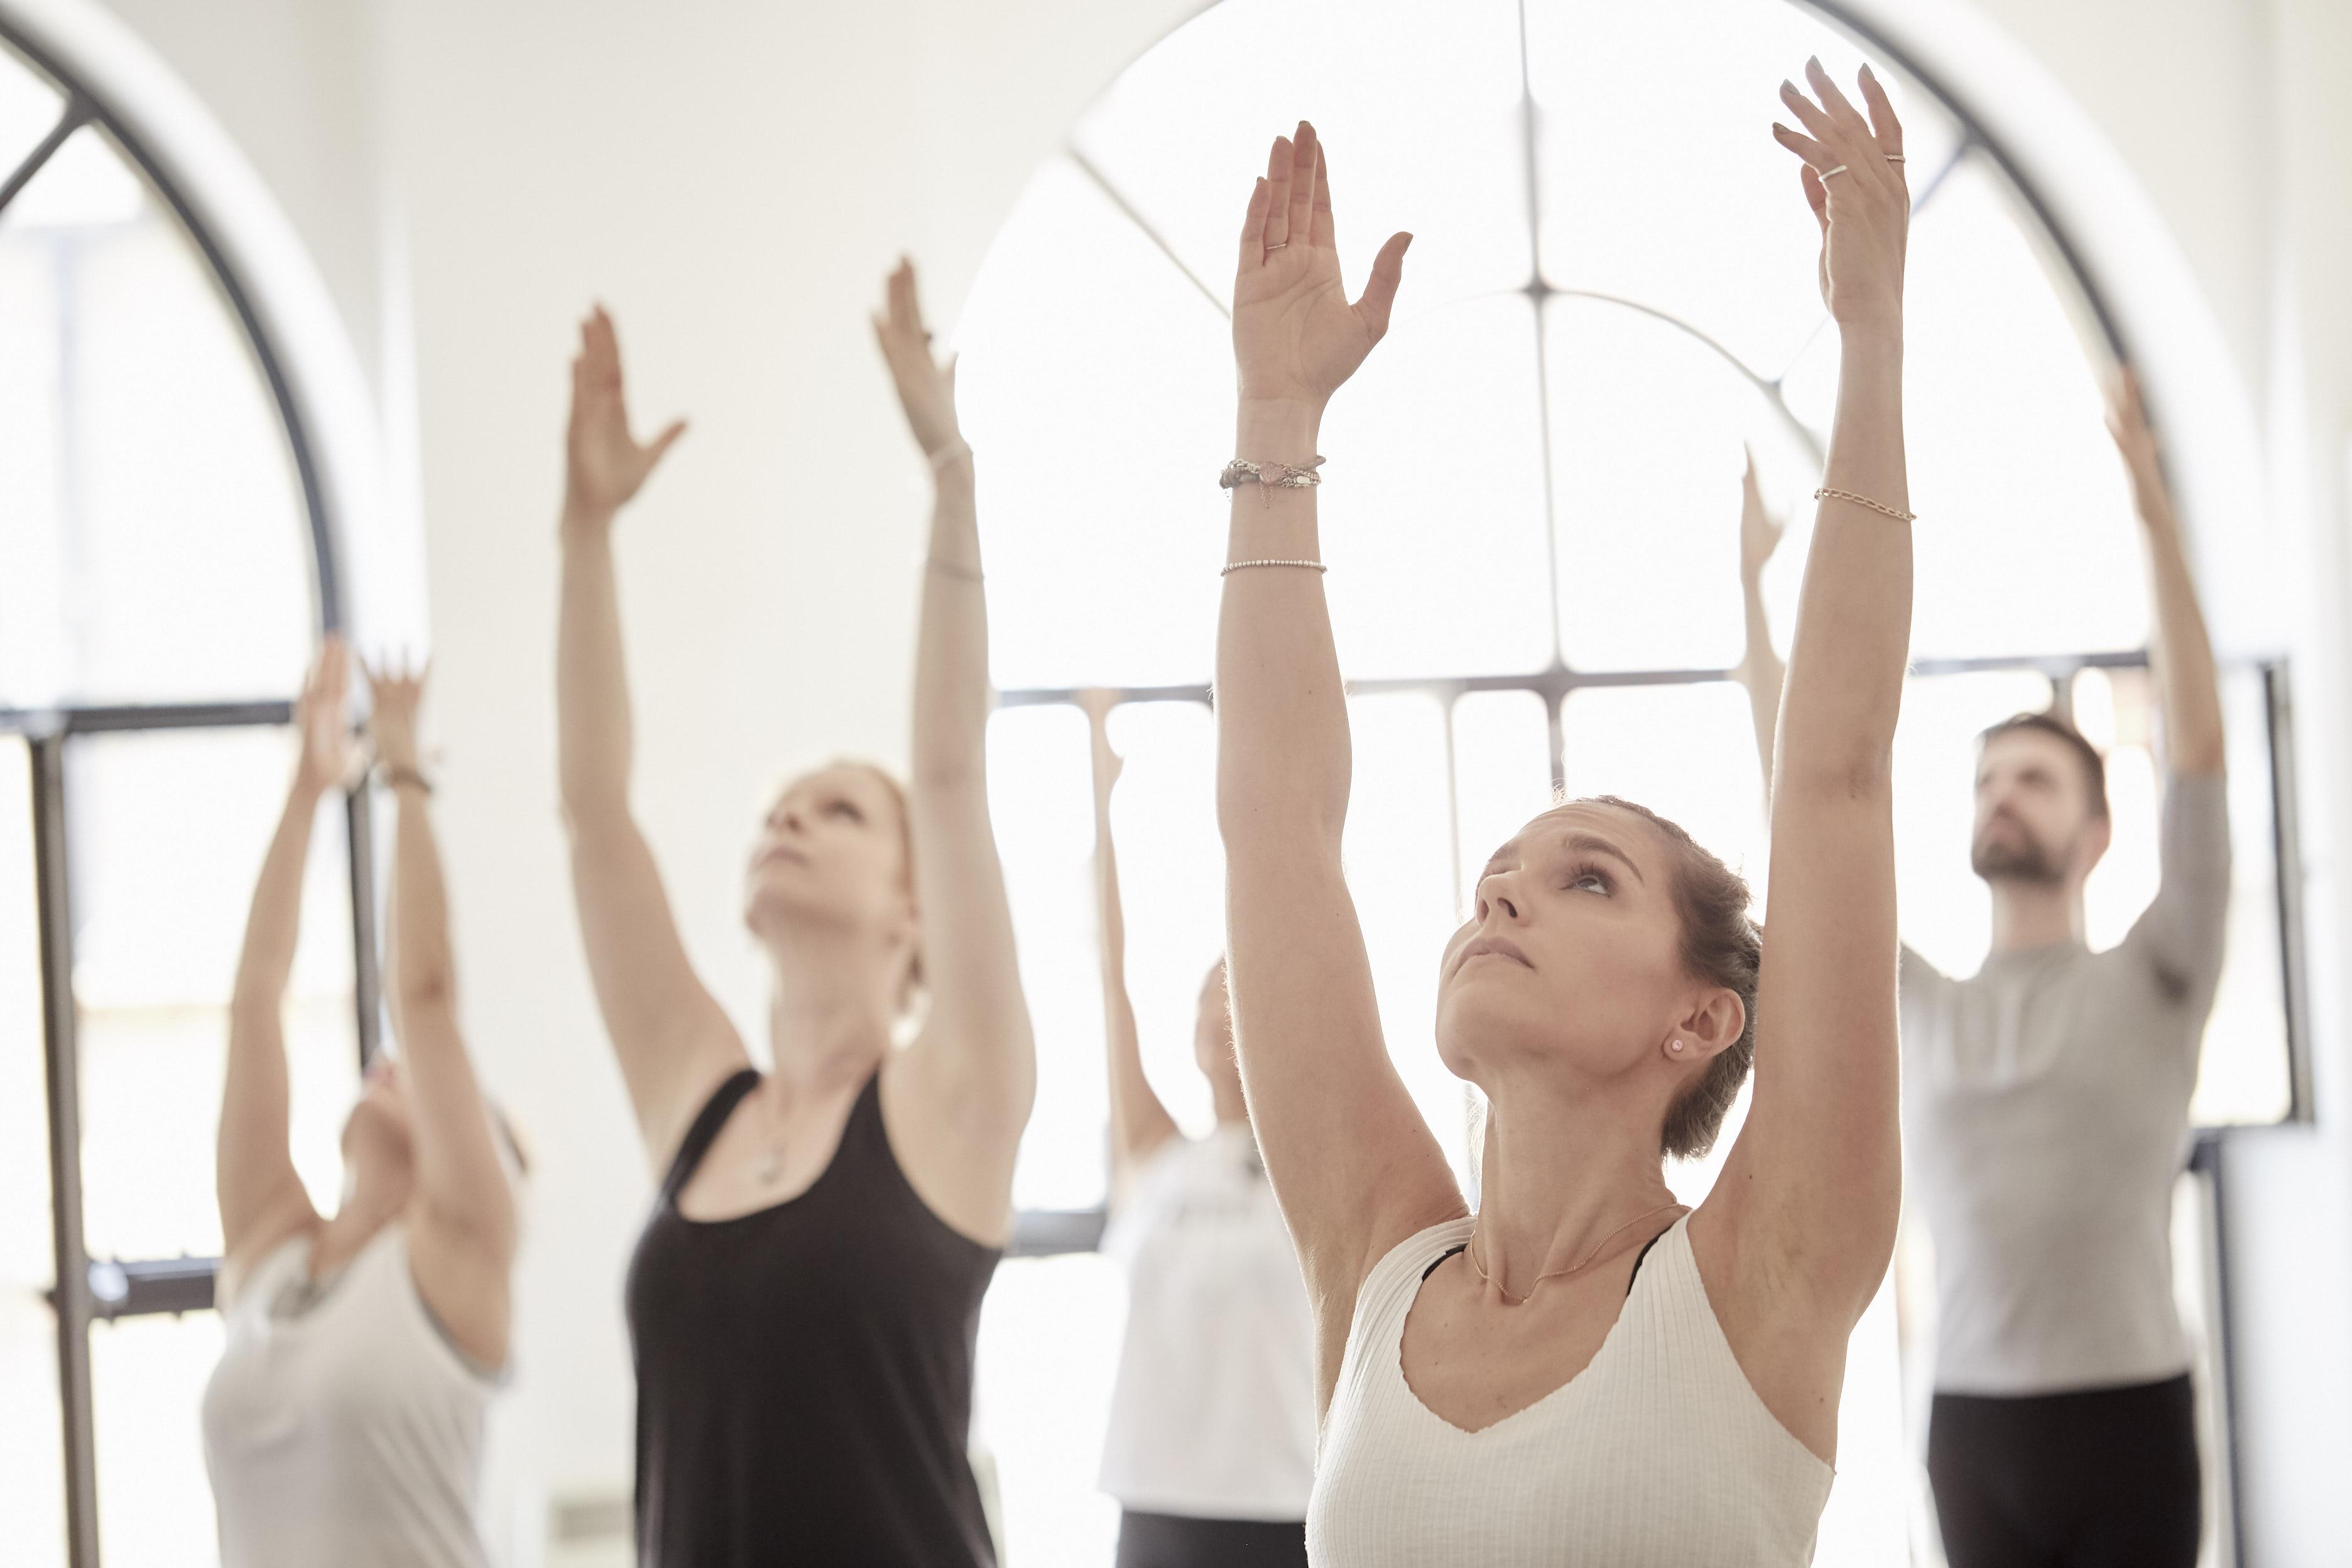 Yoga_west_0472 - Yogawest